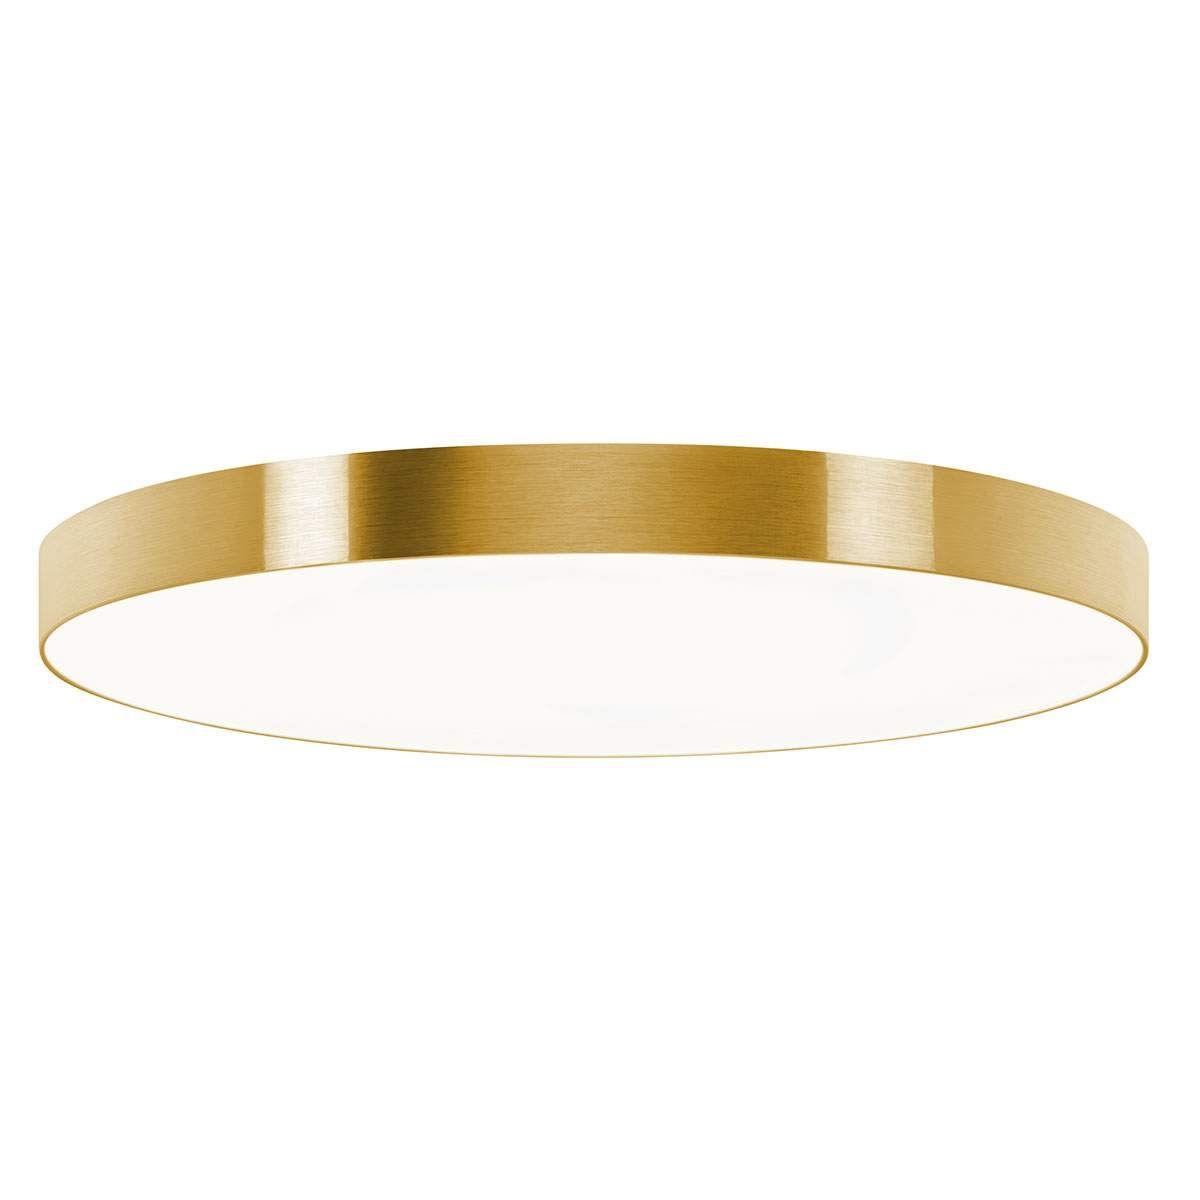 Schöne LED Deckenlampe dimmbar mit STOFF Schirm in schwarz /& gold  Dielenleuchte